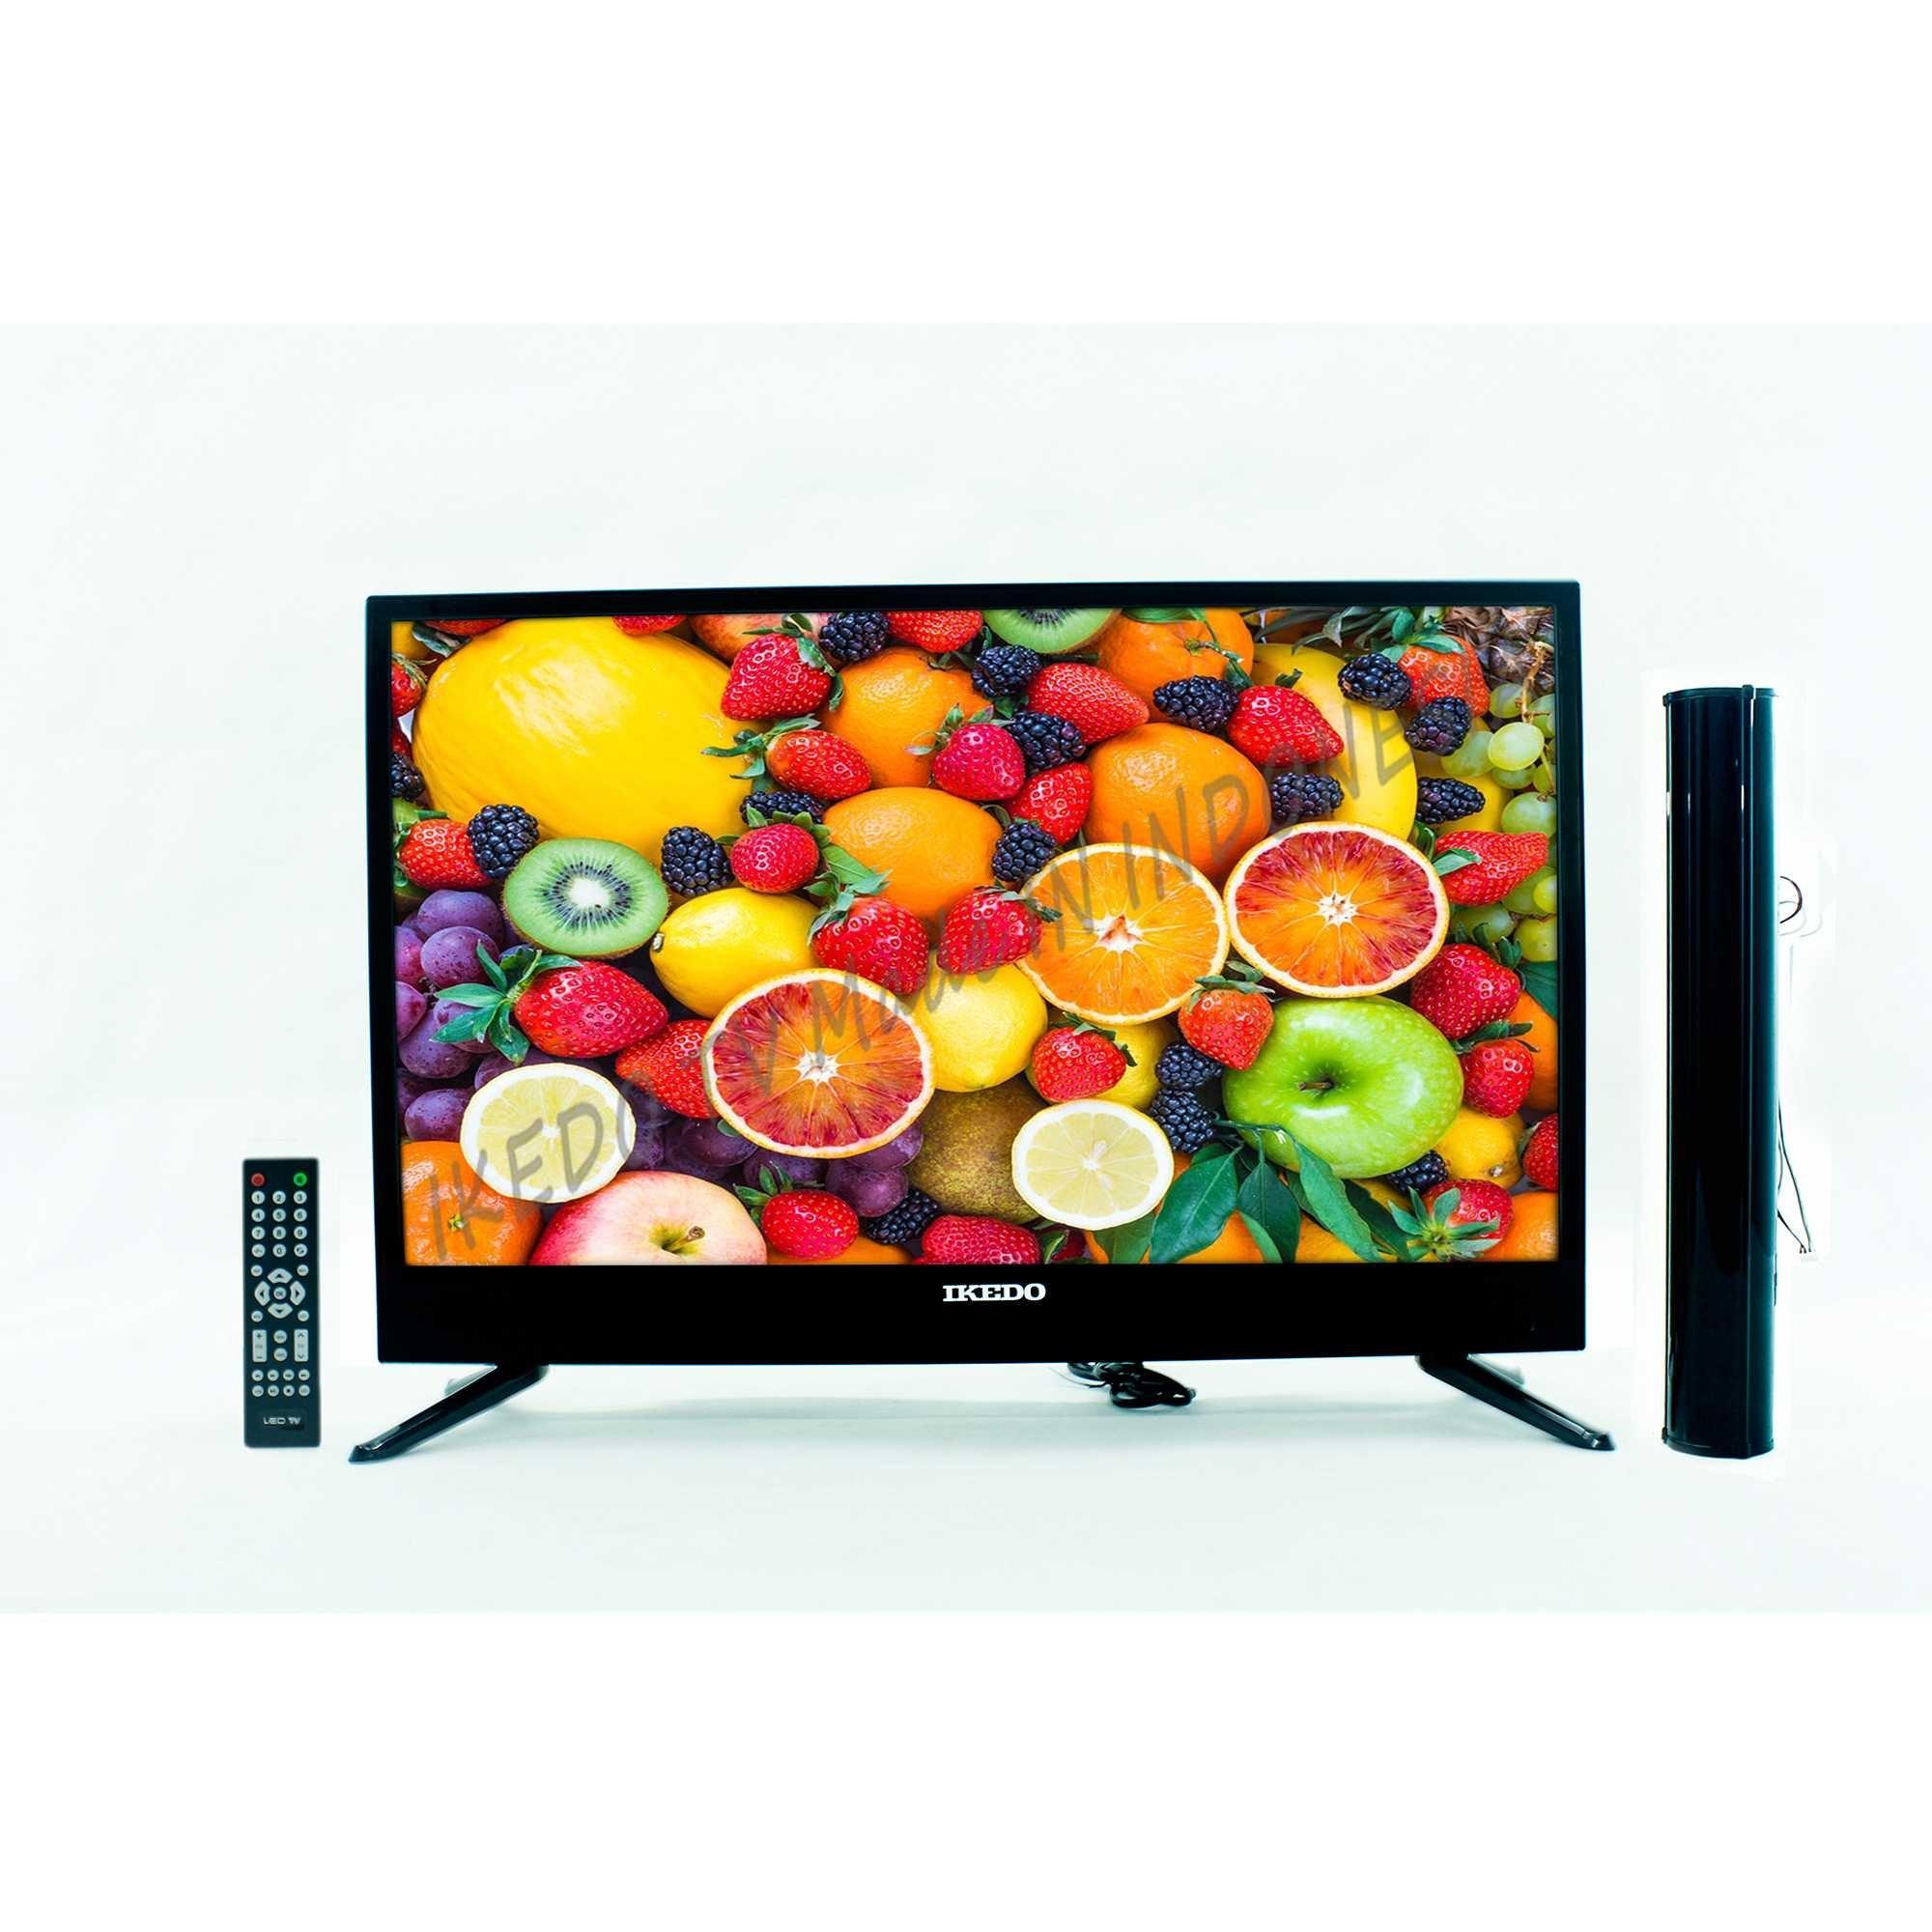 LED TV IKEDO LT-32M1 HITAM